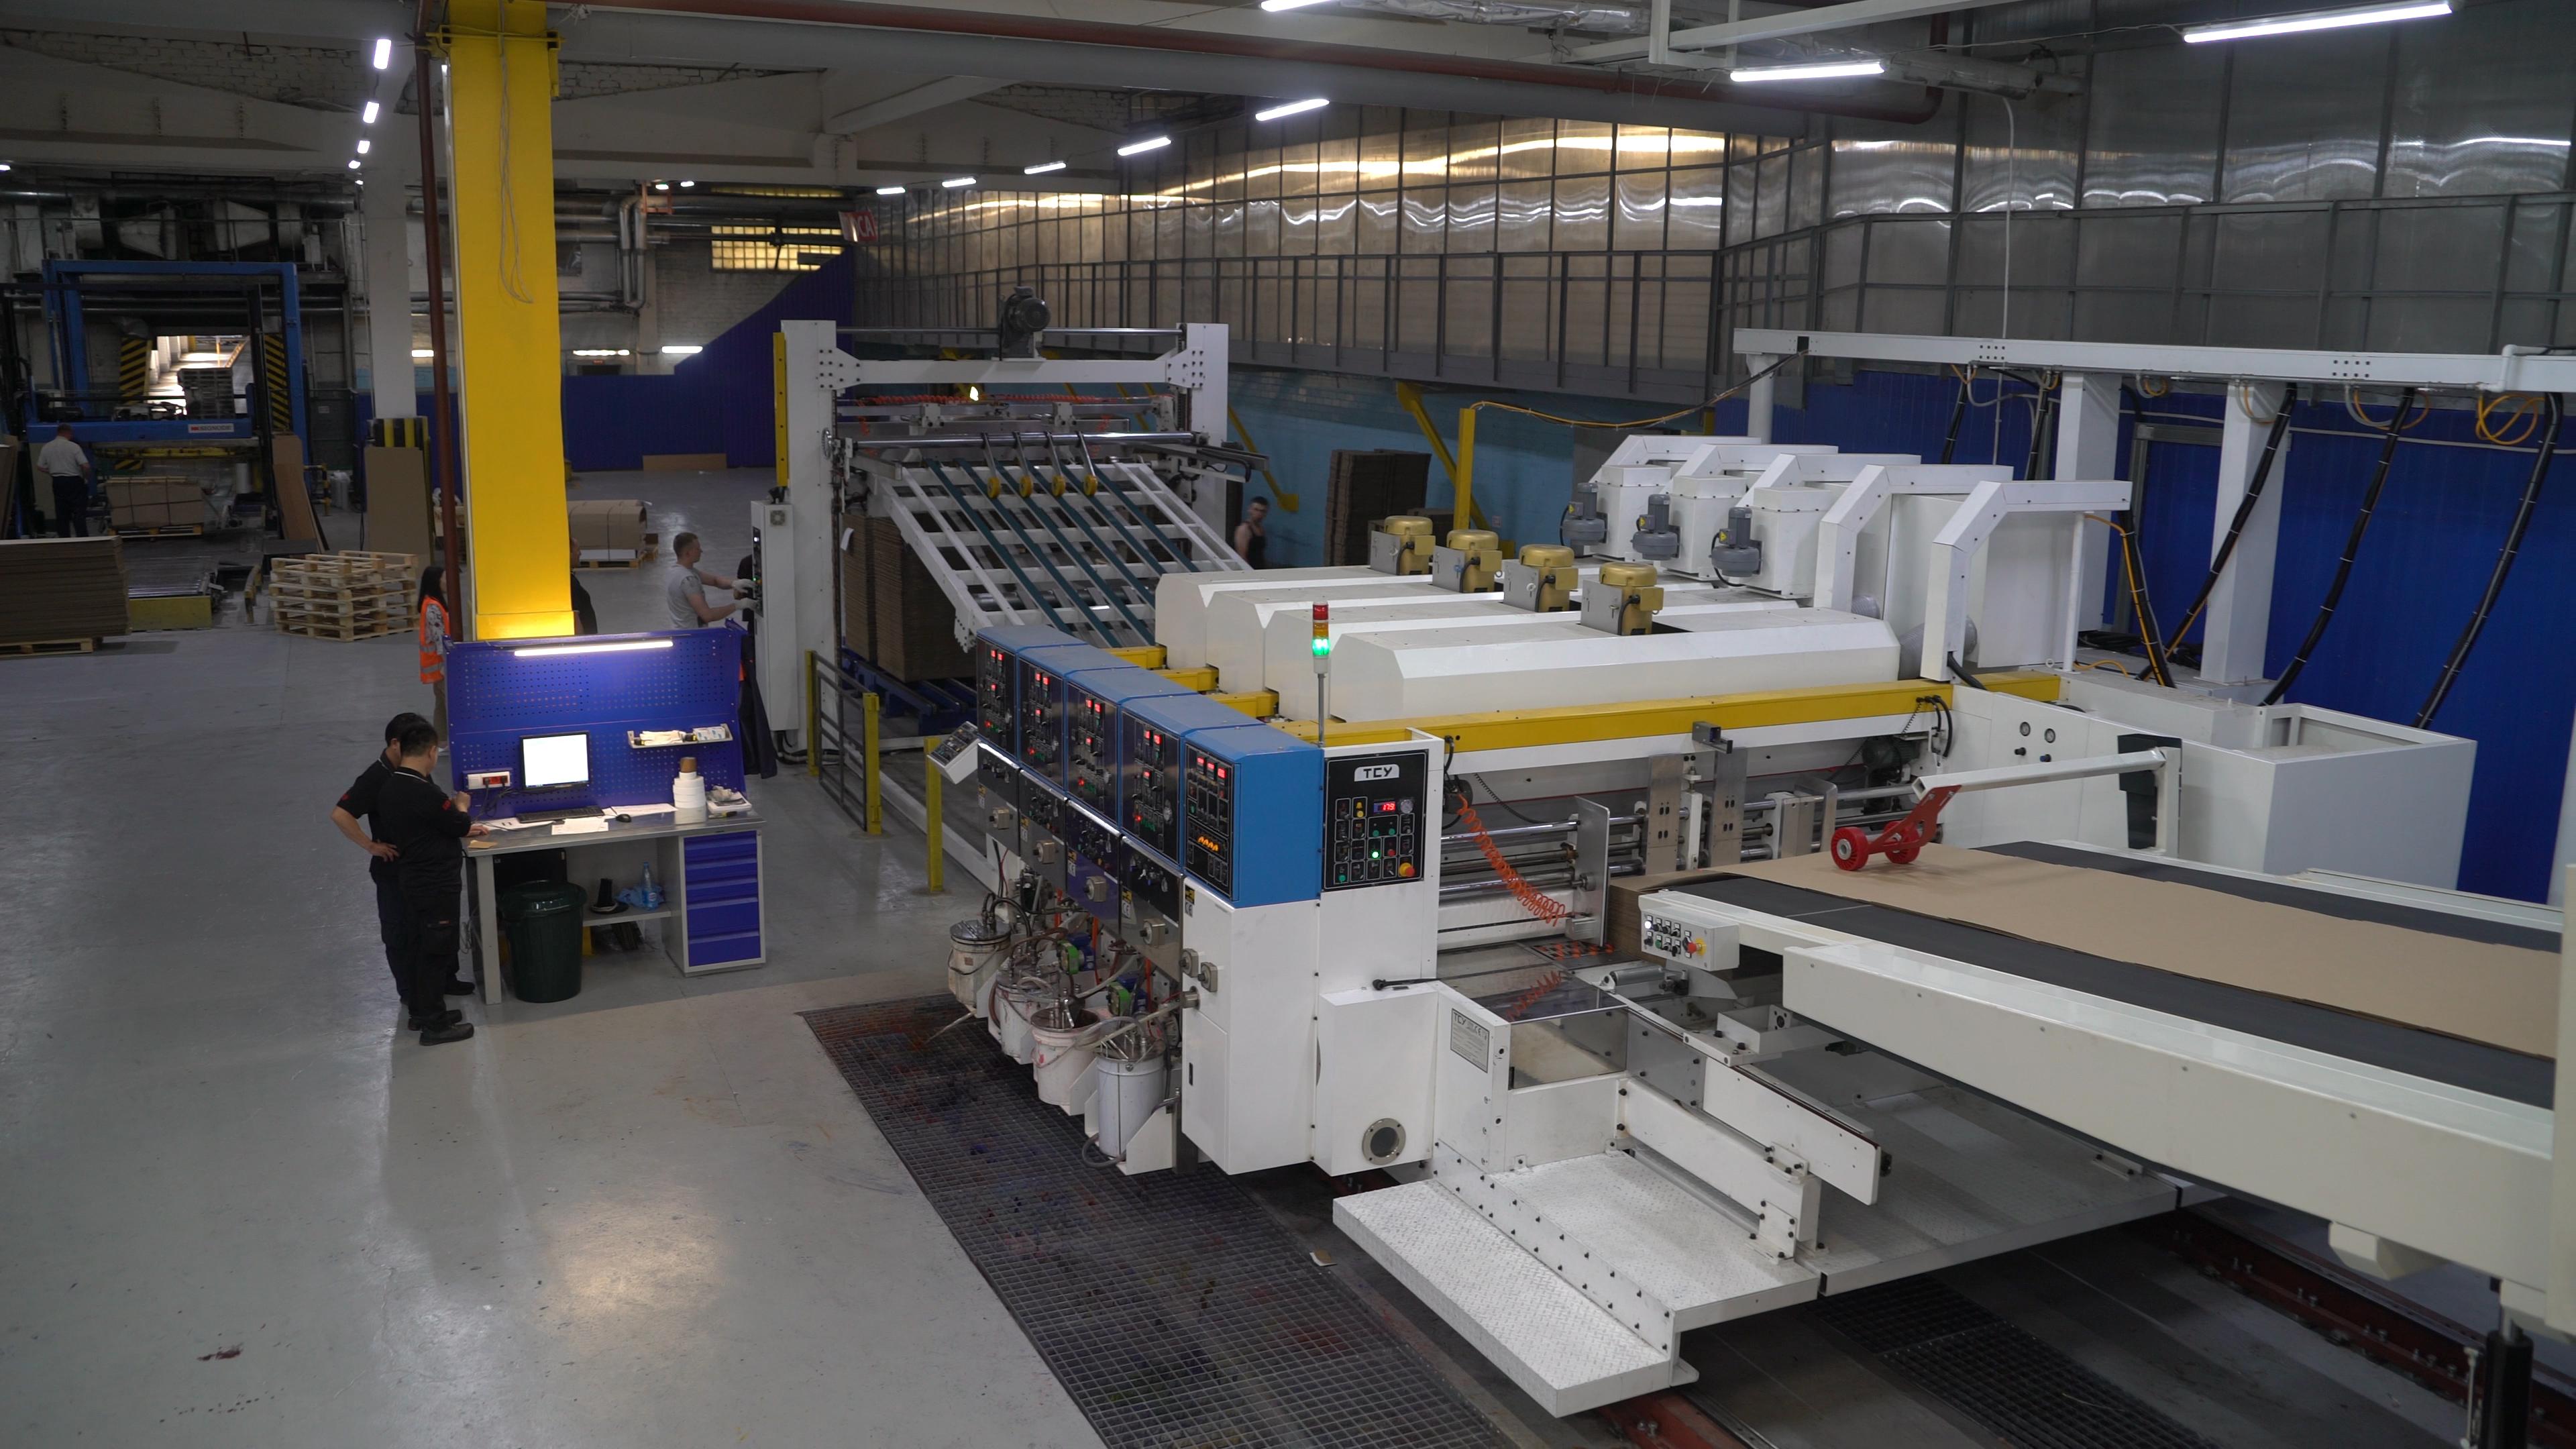 В компании «Готэк» запущена в эксплуатацию новая линия по нанесению 4-х цветной флексографской печати производства компании ТСУ (Тайвань).